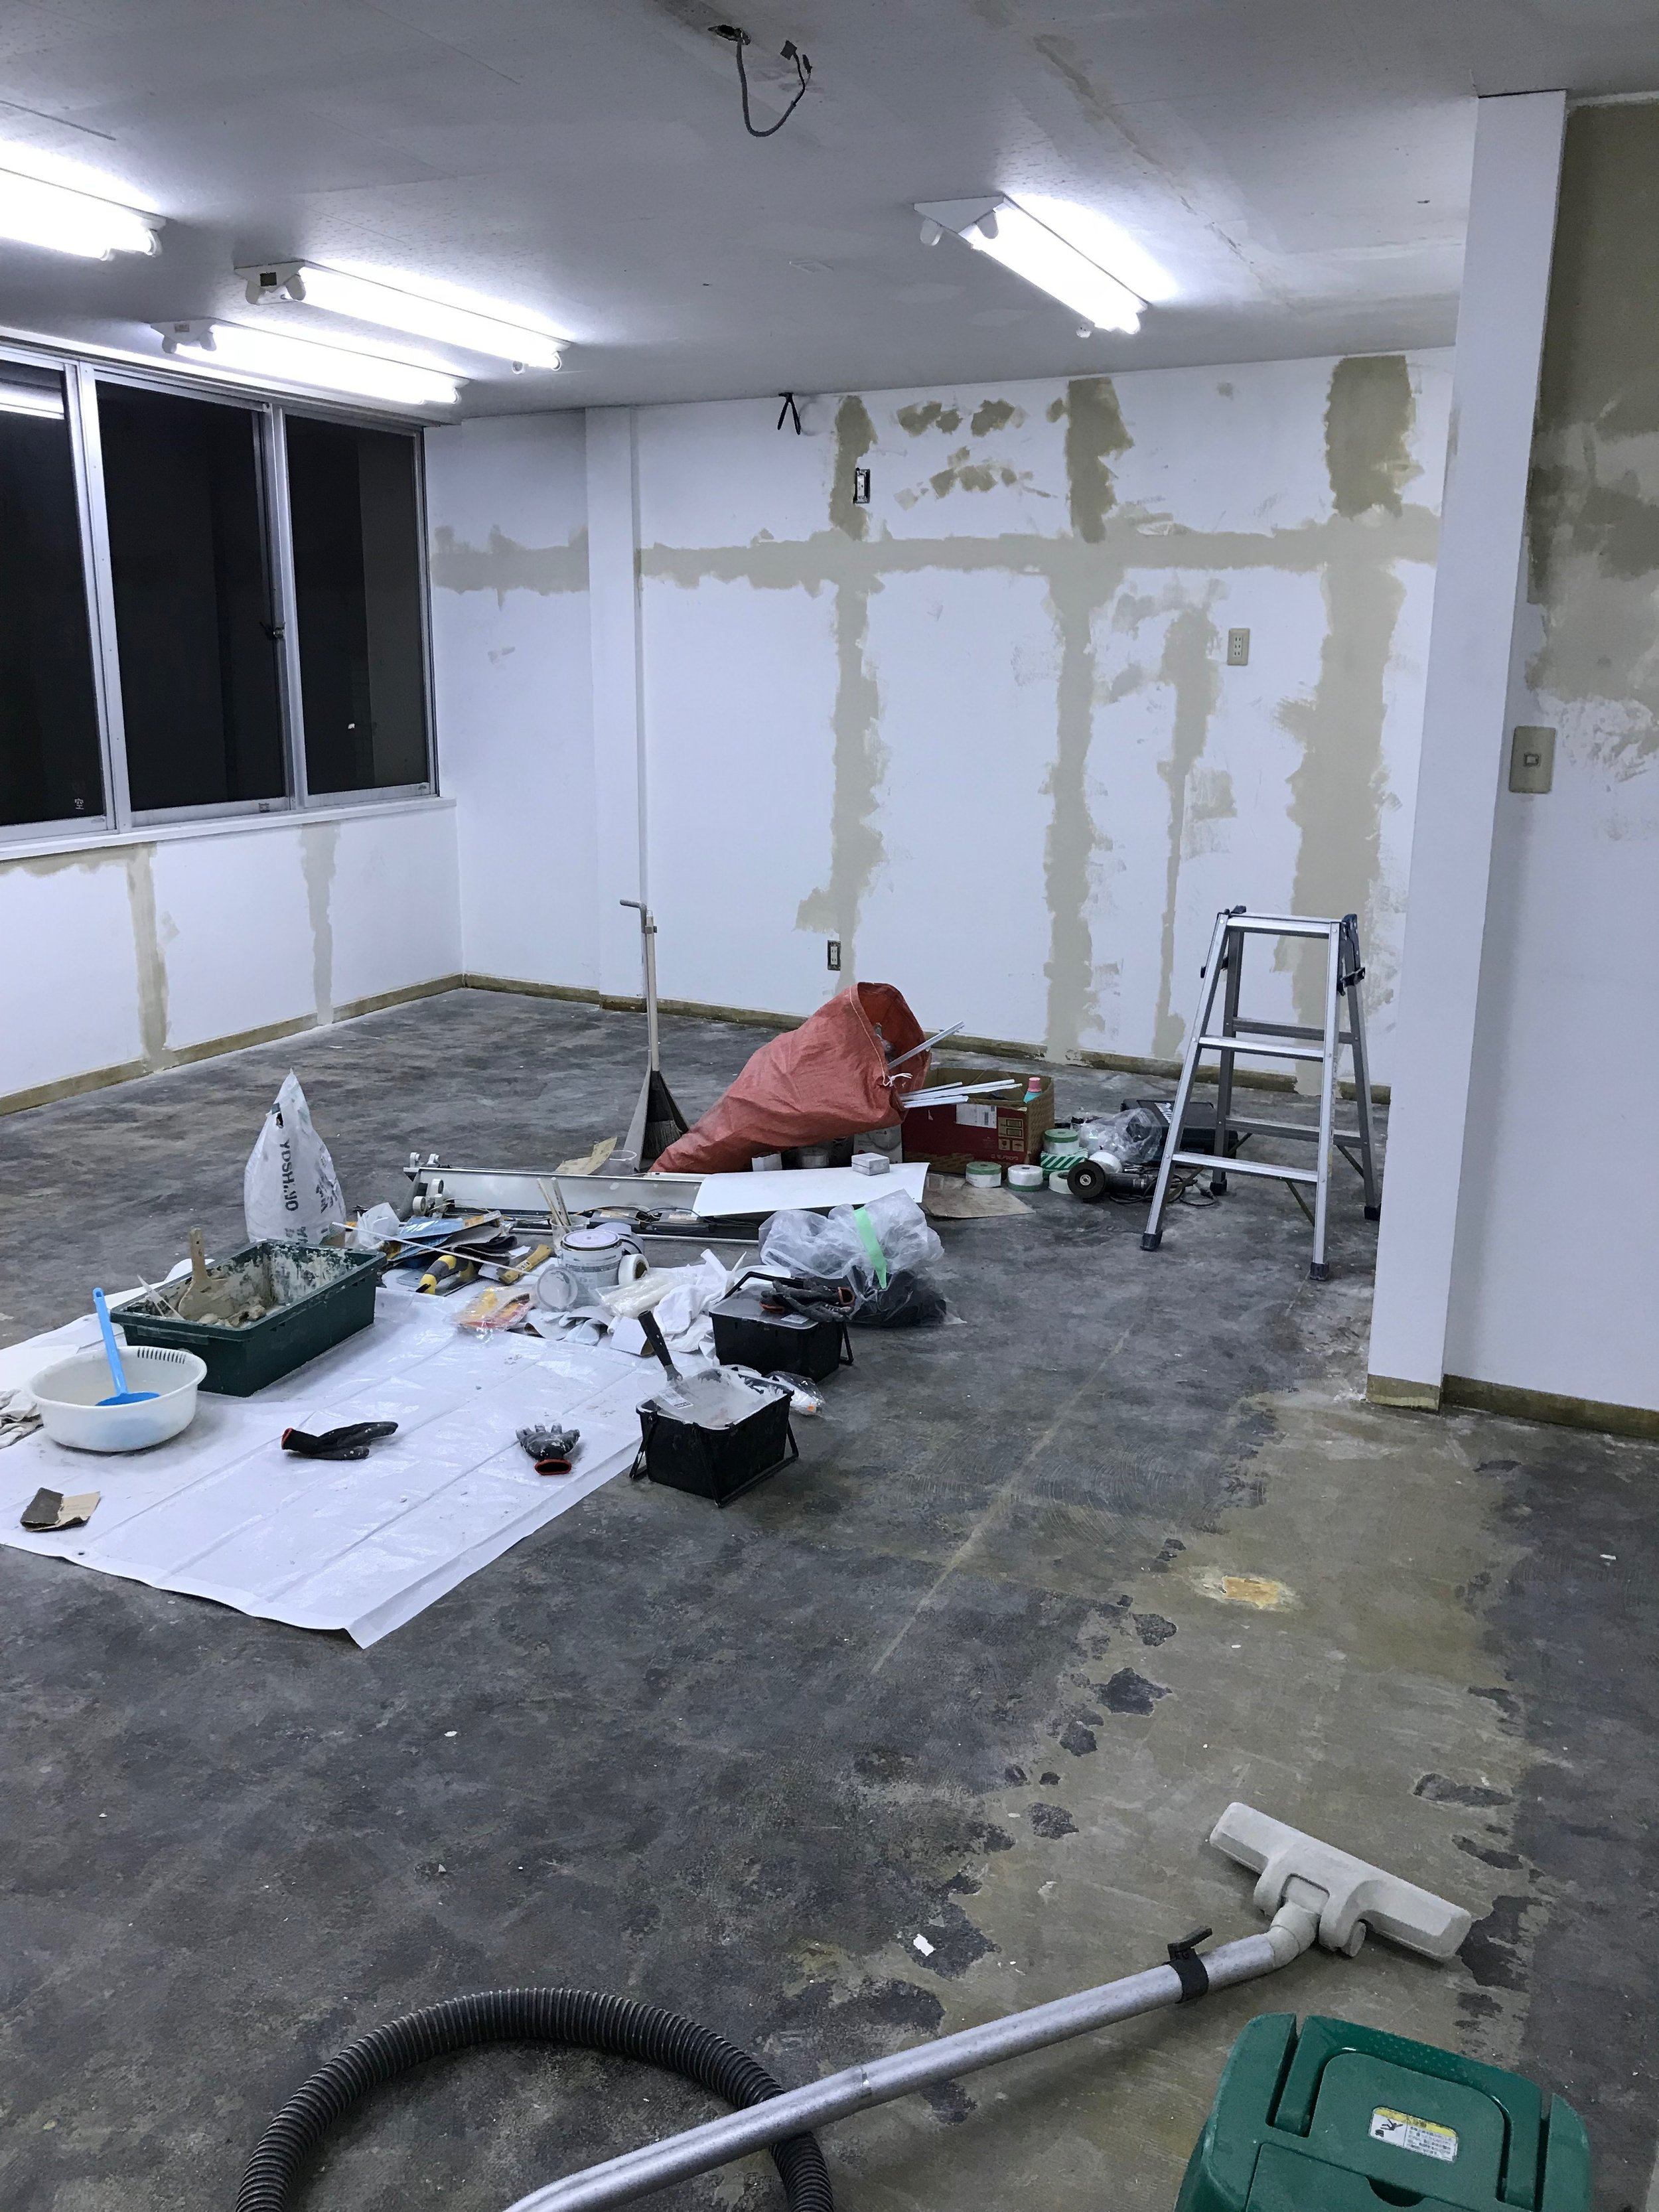 壁にパテも塗って綺麗に、綺麗に。